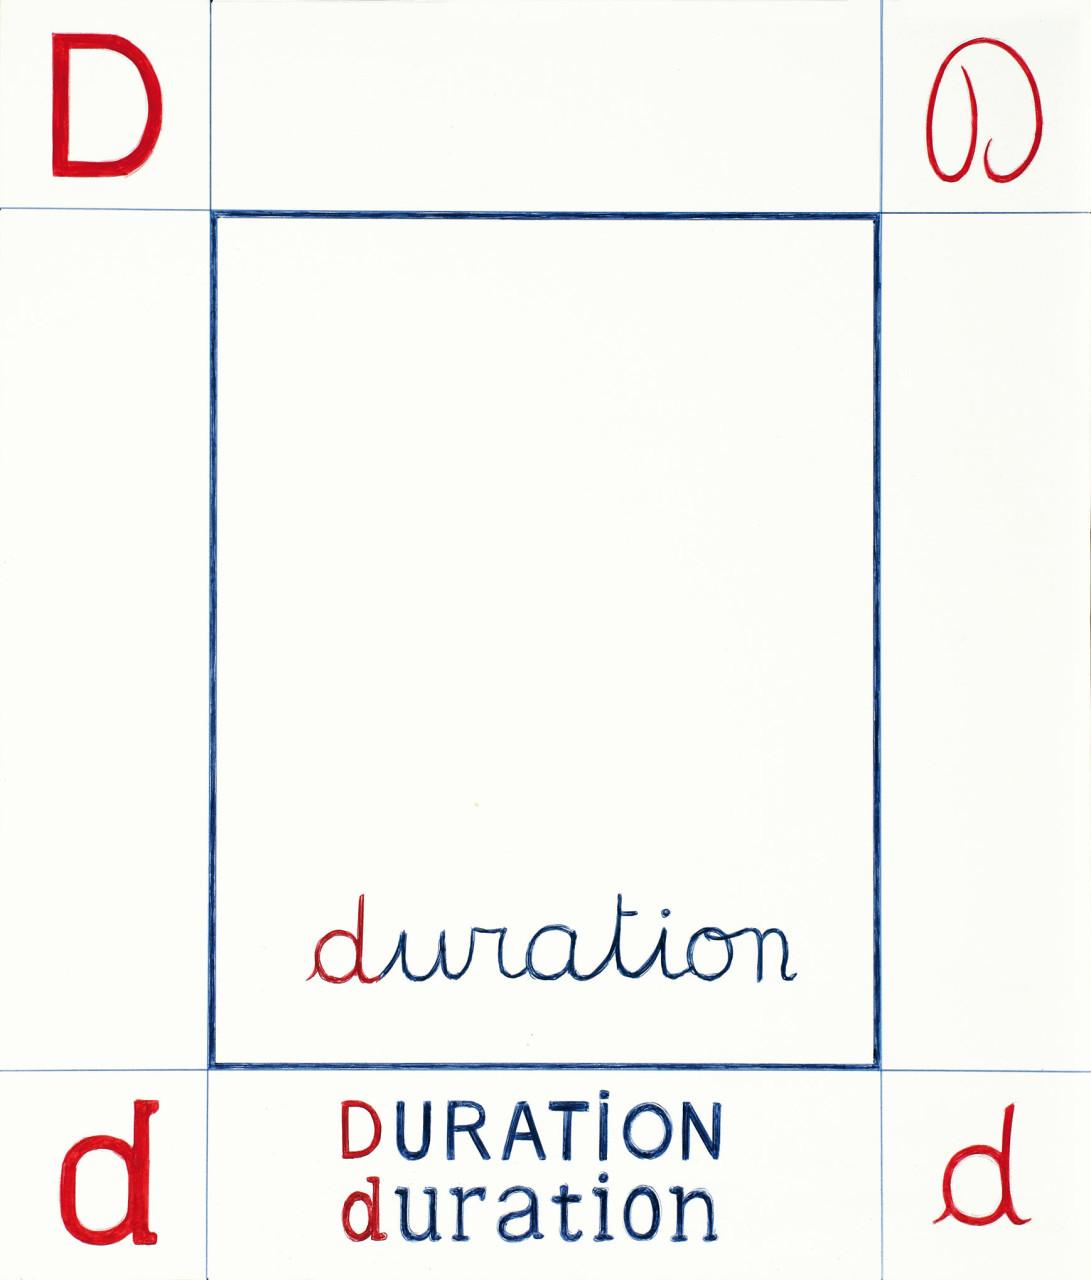 04D-duration_bassa